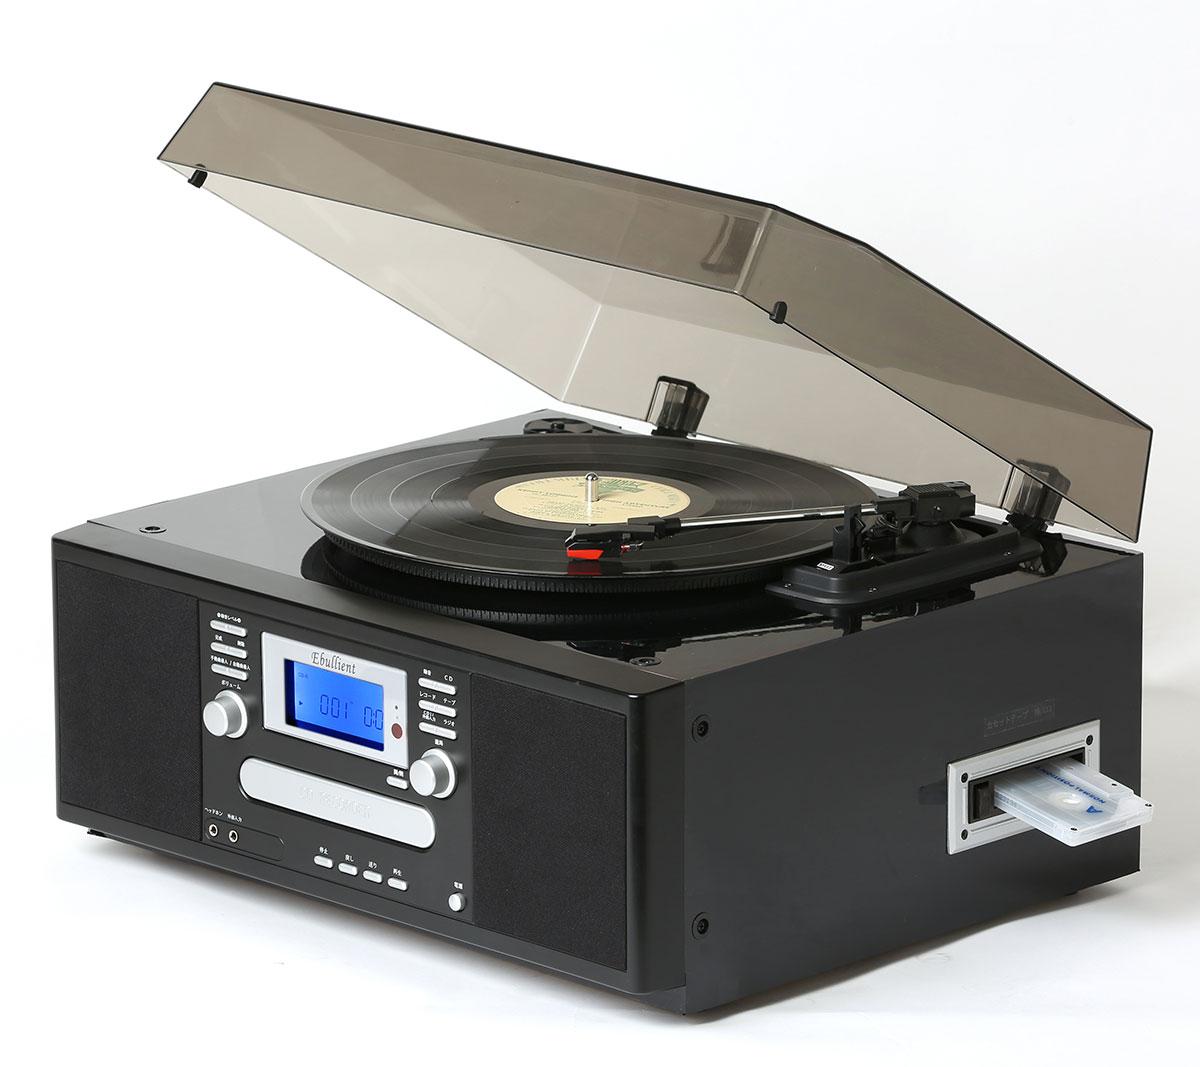 とうしょう きれいな鏡面ピアノ仕上げのCDにコピーできるマルチプレーヤー [TS-7885PBL] ピアノブラック【送料無料※沖縄・離島除く】ラジカセ レトロ レコードプレーヤー